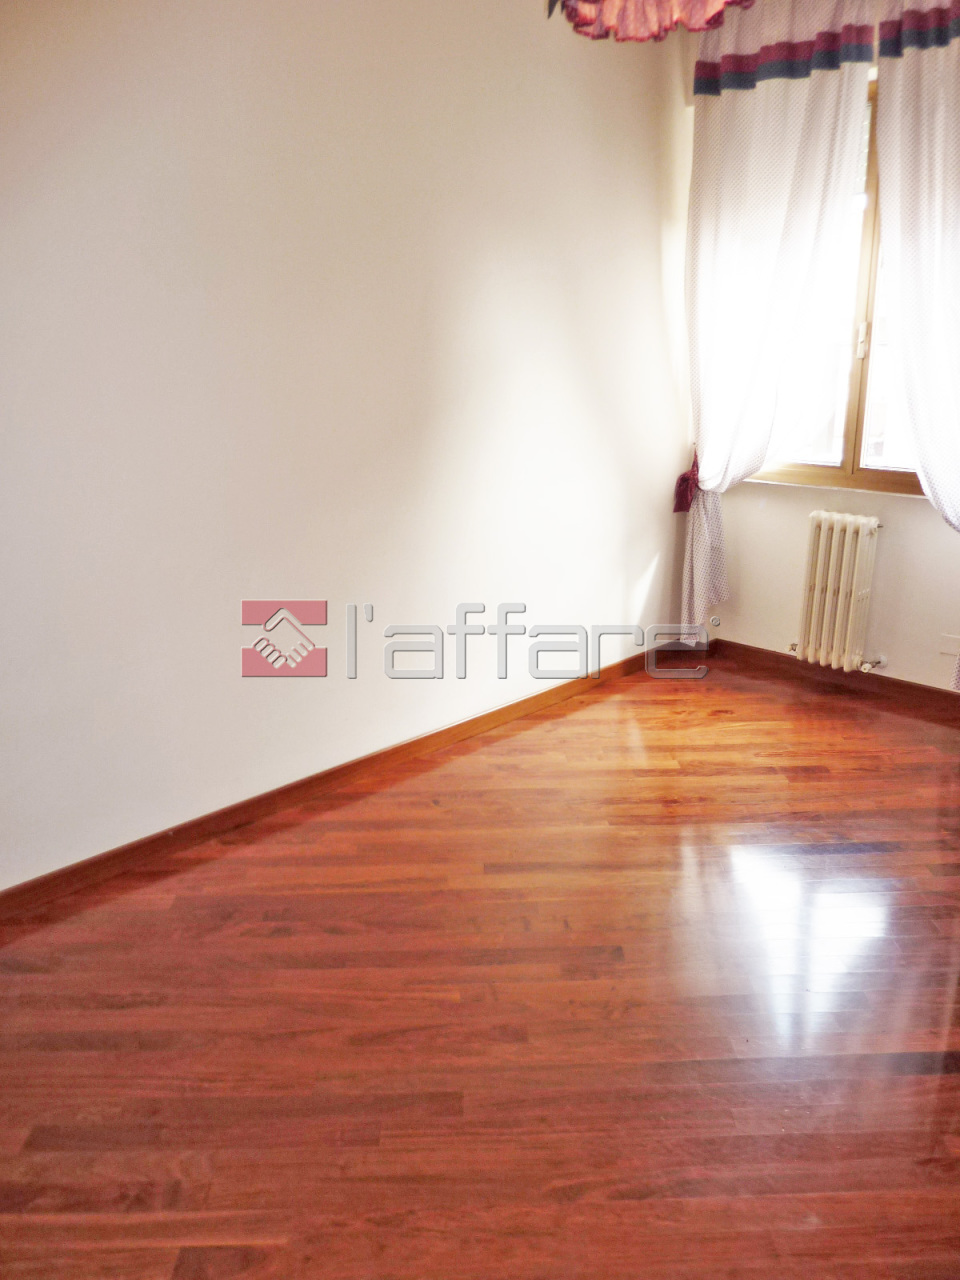 Appartamento in vendita - Montecatini-Terme